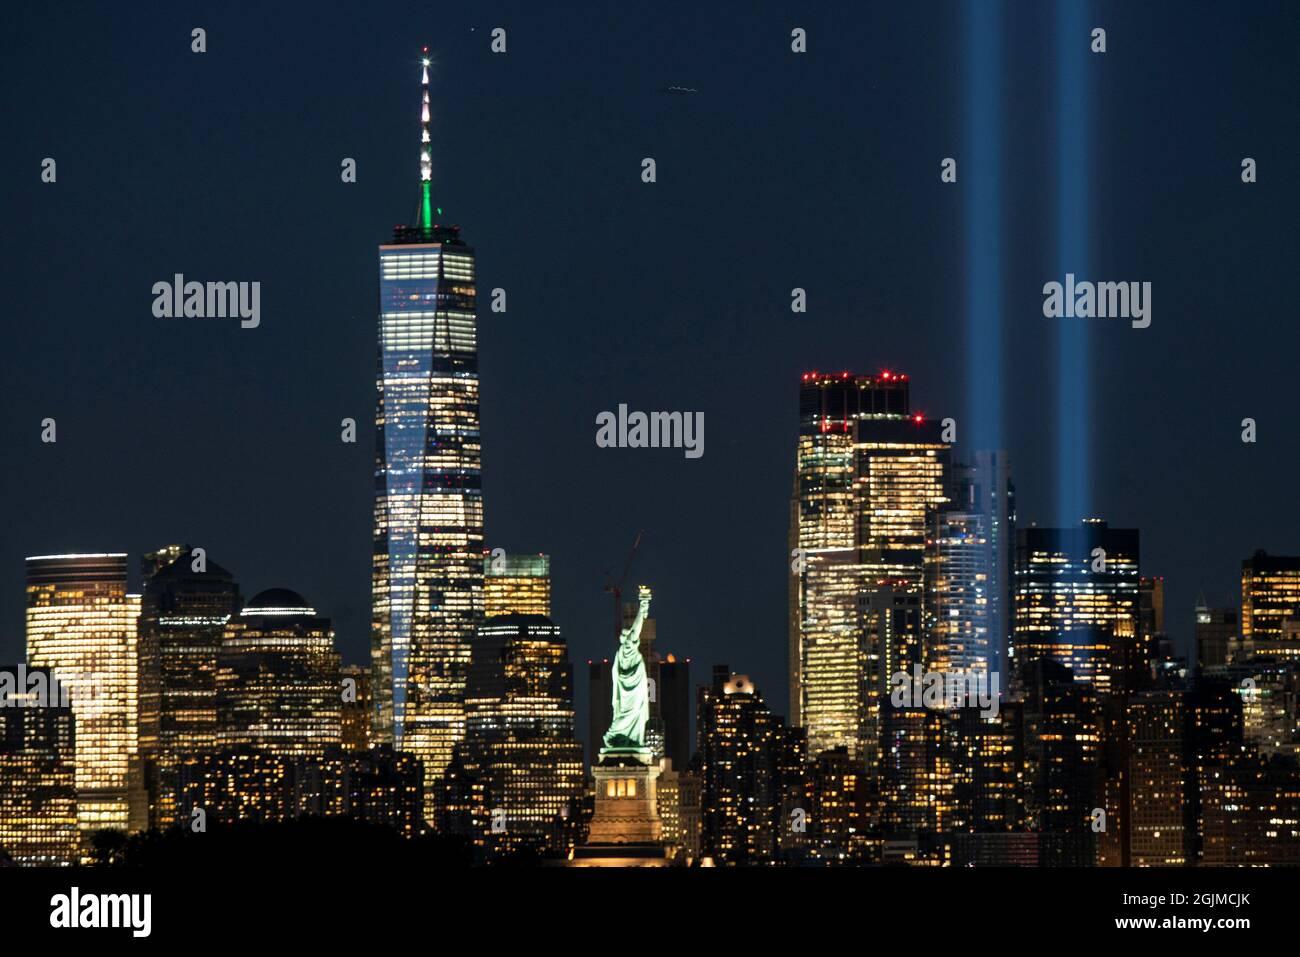 L'installazione di Tribute in Light, il World Trade Center e la Statua della libertà sono visti prima del 20° anniversario degli attacchi del settembre 11 a Manhattan, come visto da Bayonne, New Jersey, Stati Uniti, 10 settembre 2021. REUTERS/Eduardo Munoz Foto Stock